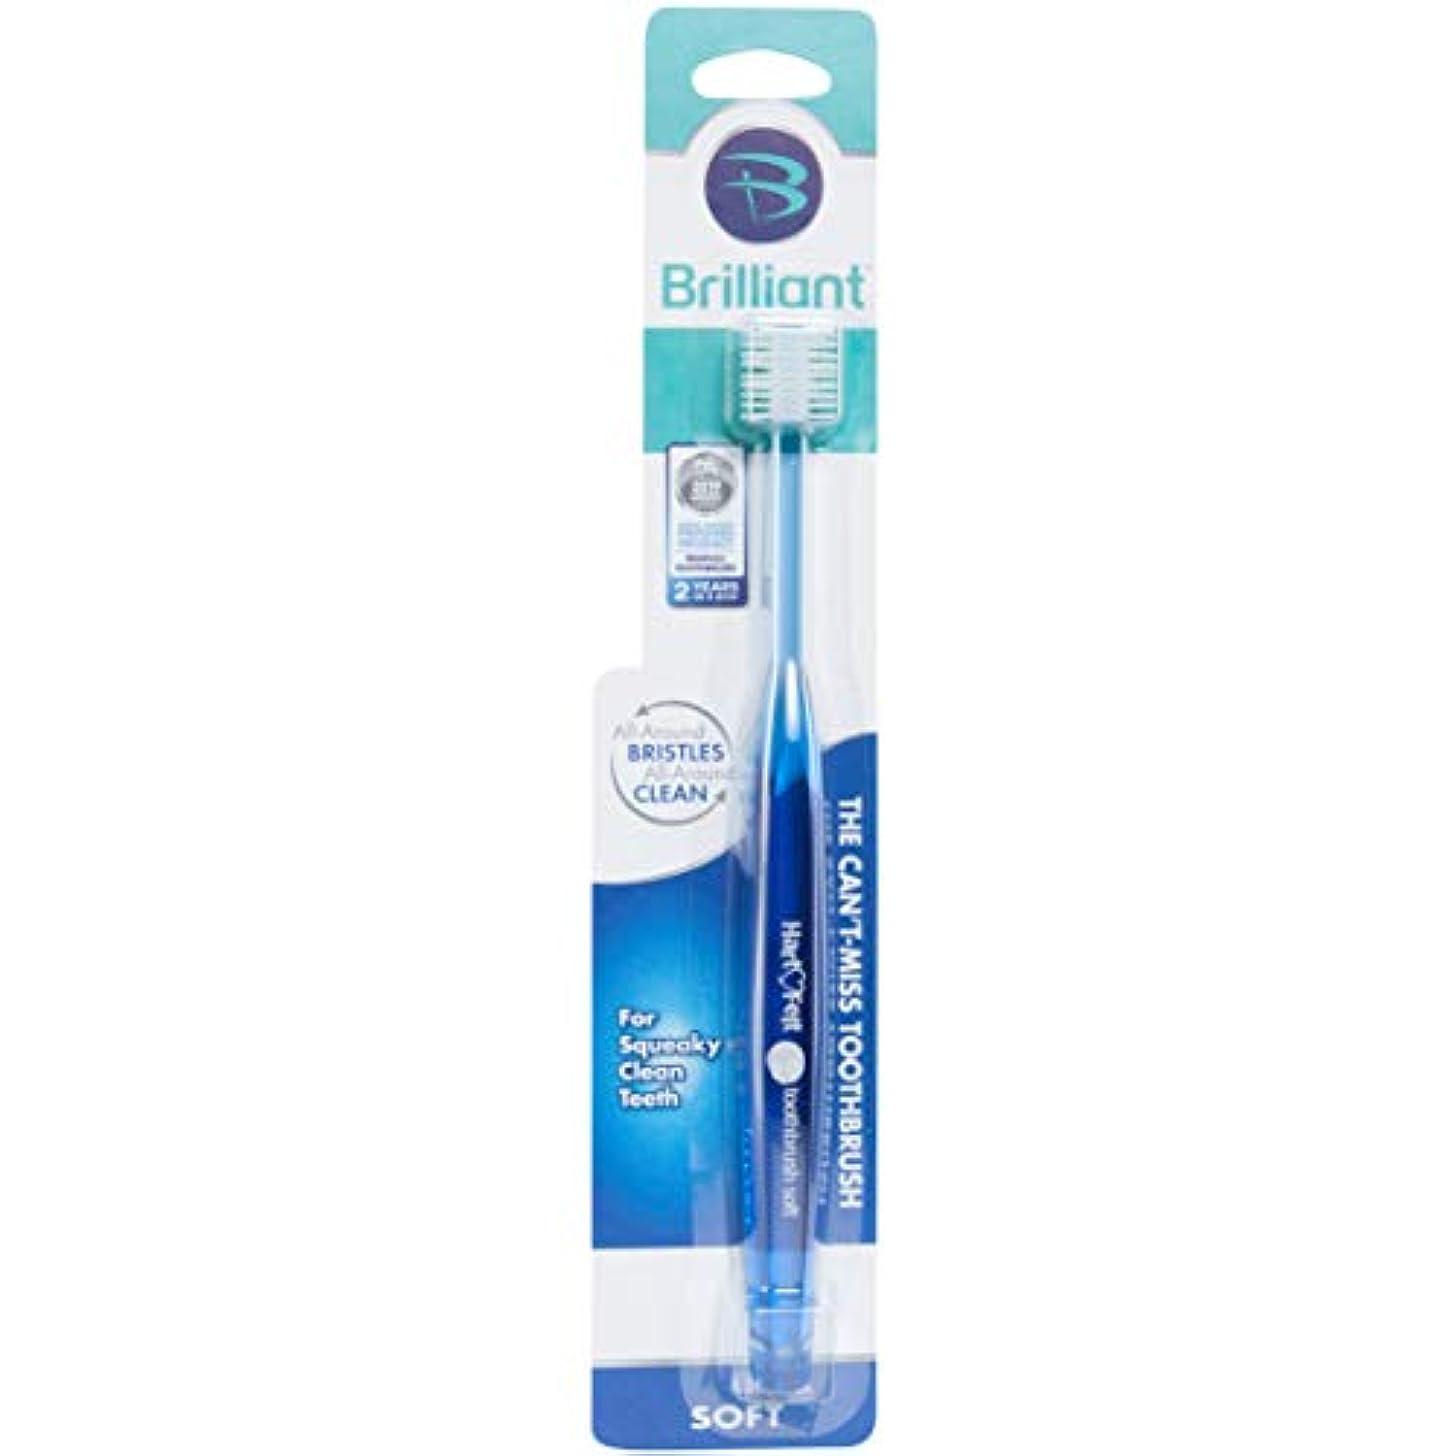 好戦的な部自殺360度 マイクロファインラウンド歯ブラシ 柔らかい大人用歯ブラシ 丸みを帯びた先端の毛で簡単で効果的なクリーニングを!(カラー ブルー) (1ブラシ)